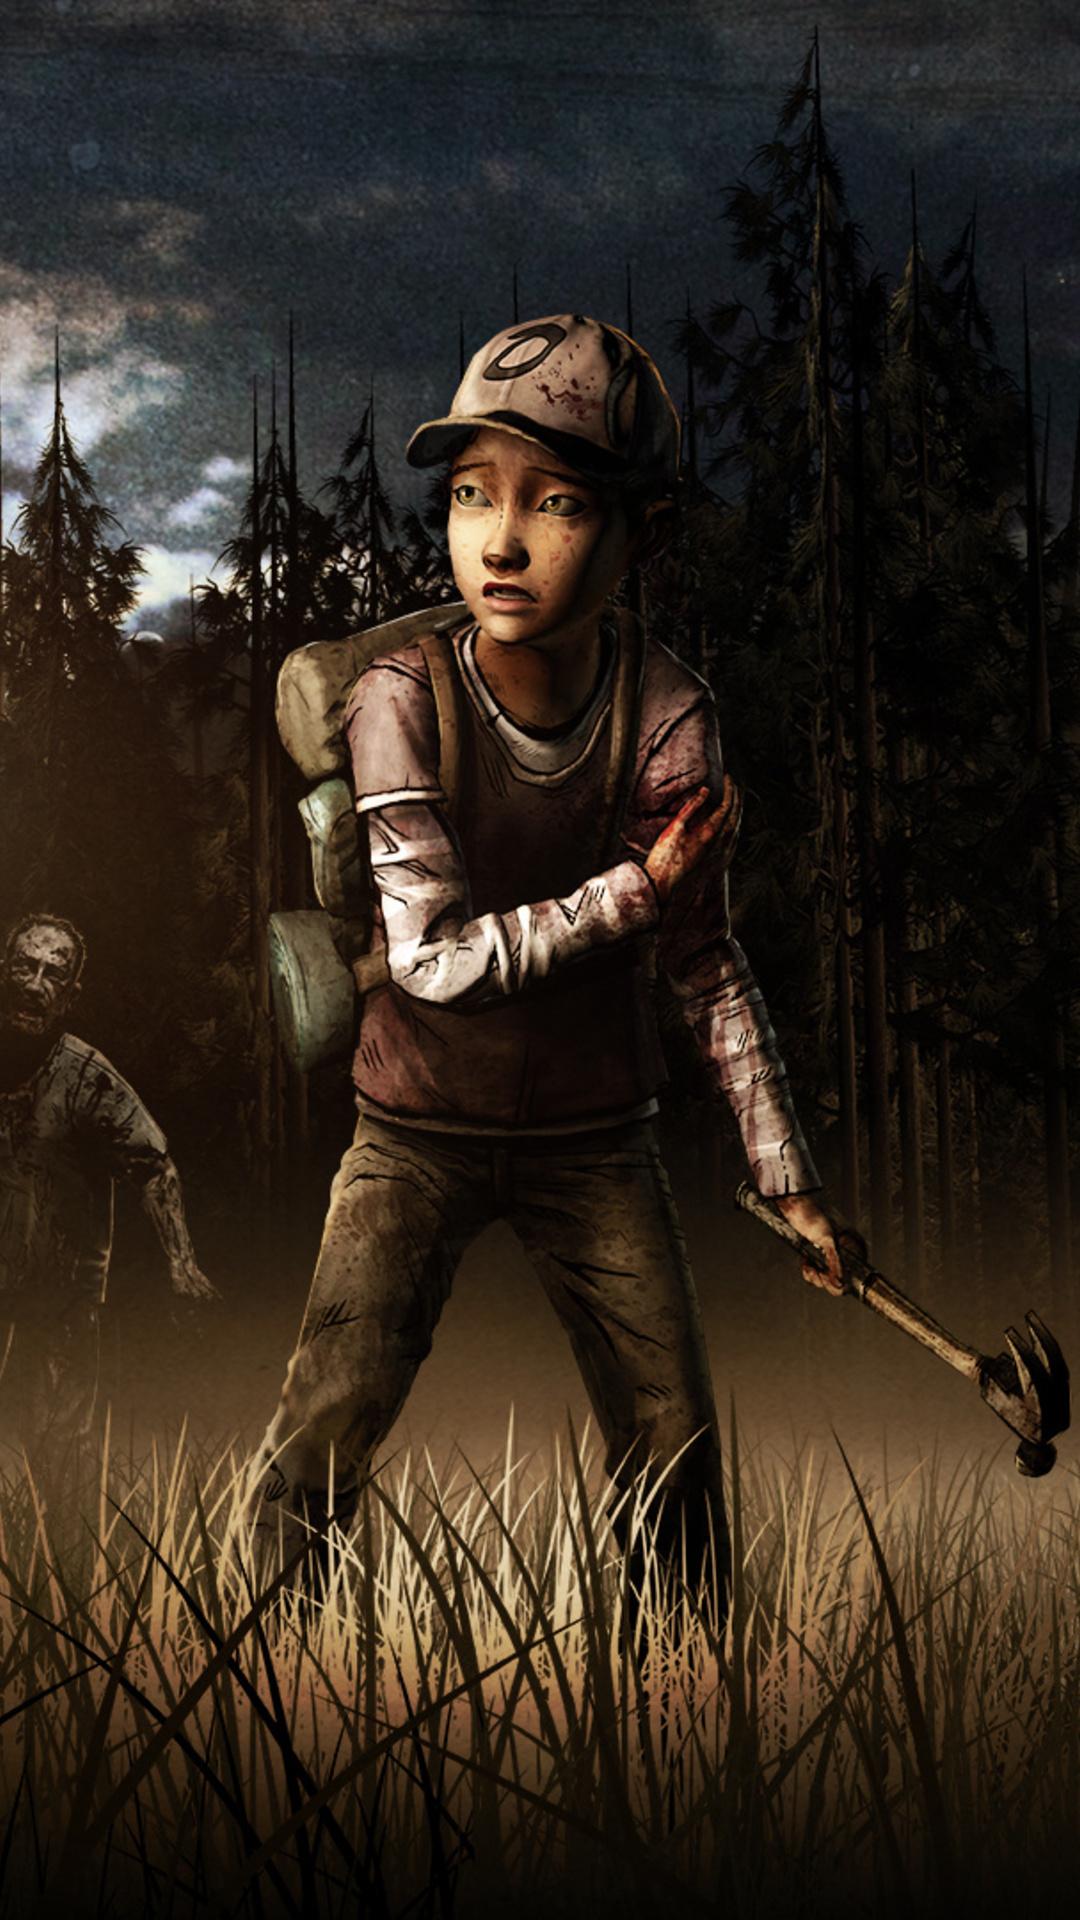 1080x1920 Telltale The Walking Dead Season 2 Iphone 7 6s 6 Plus